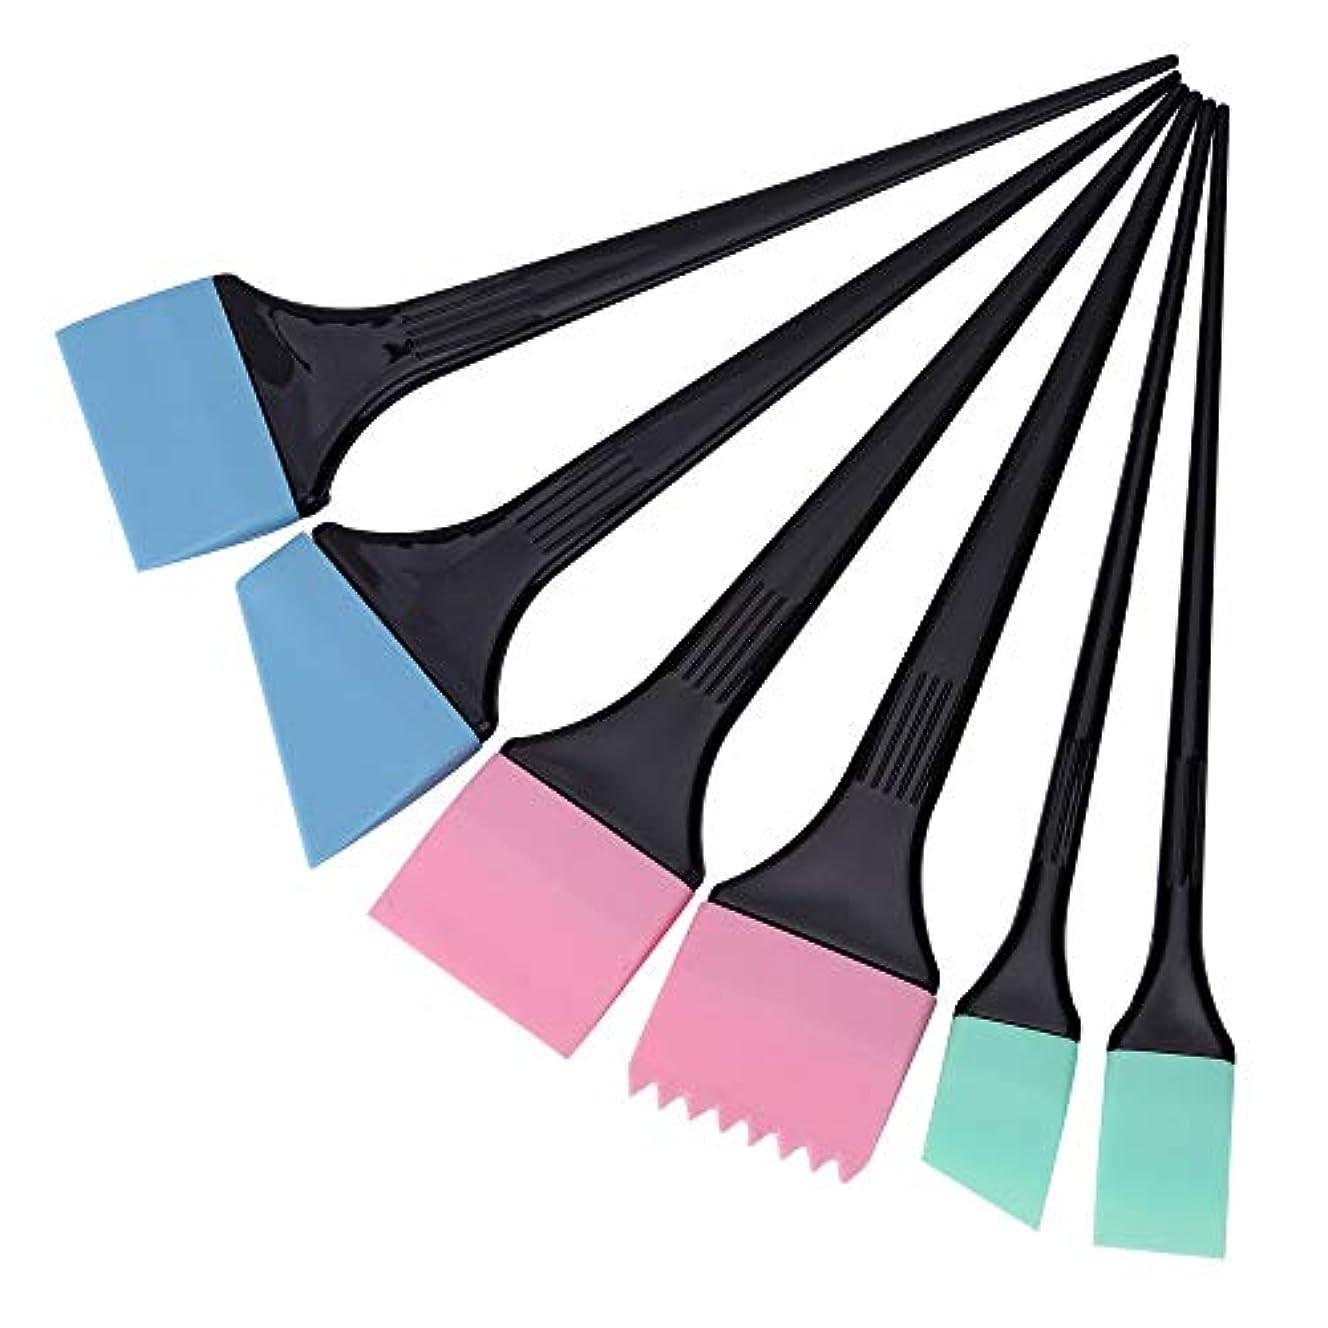 埋め込む規模霧深いヘアダイコーム&ブラシ 毛染めブラシ 6本/セット 着色櫛キット プロサロン 理髪スタイリングツール へアカラーセット グリーン